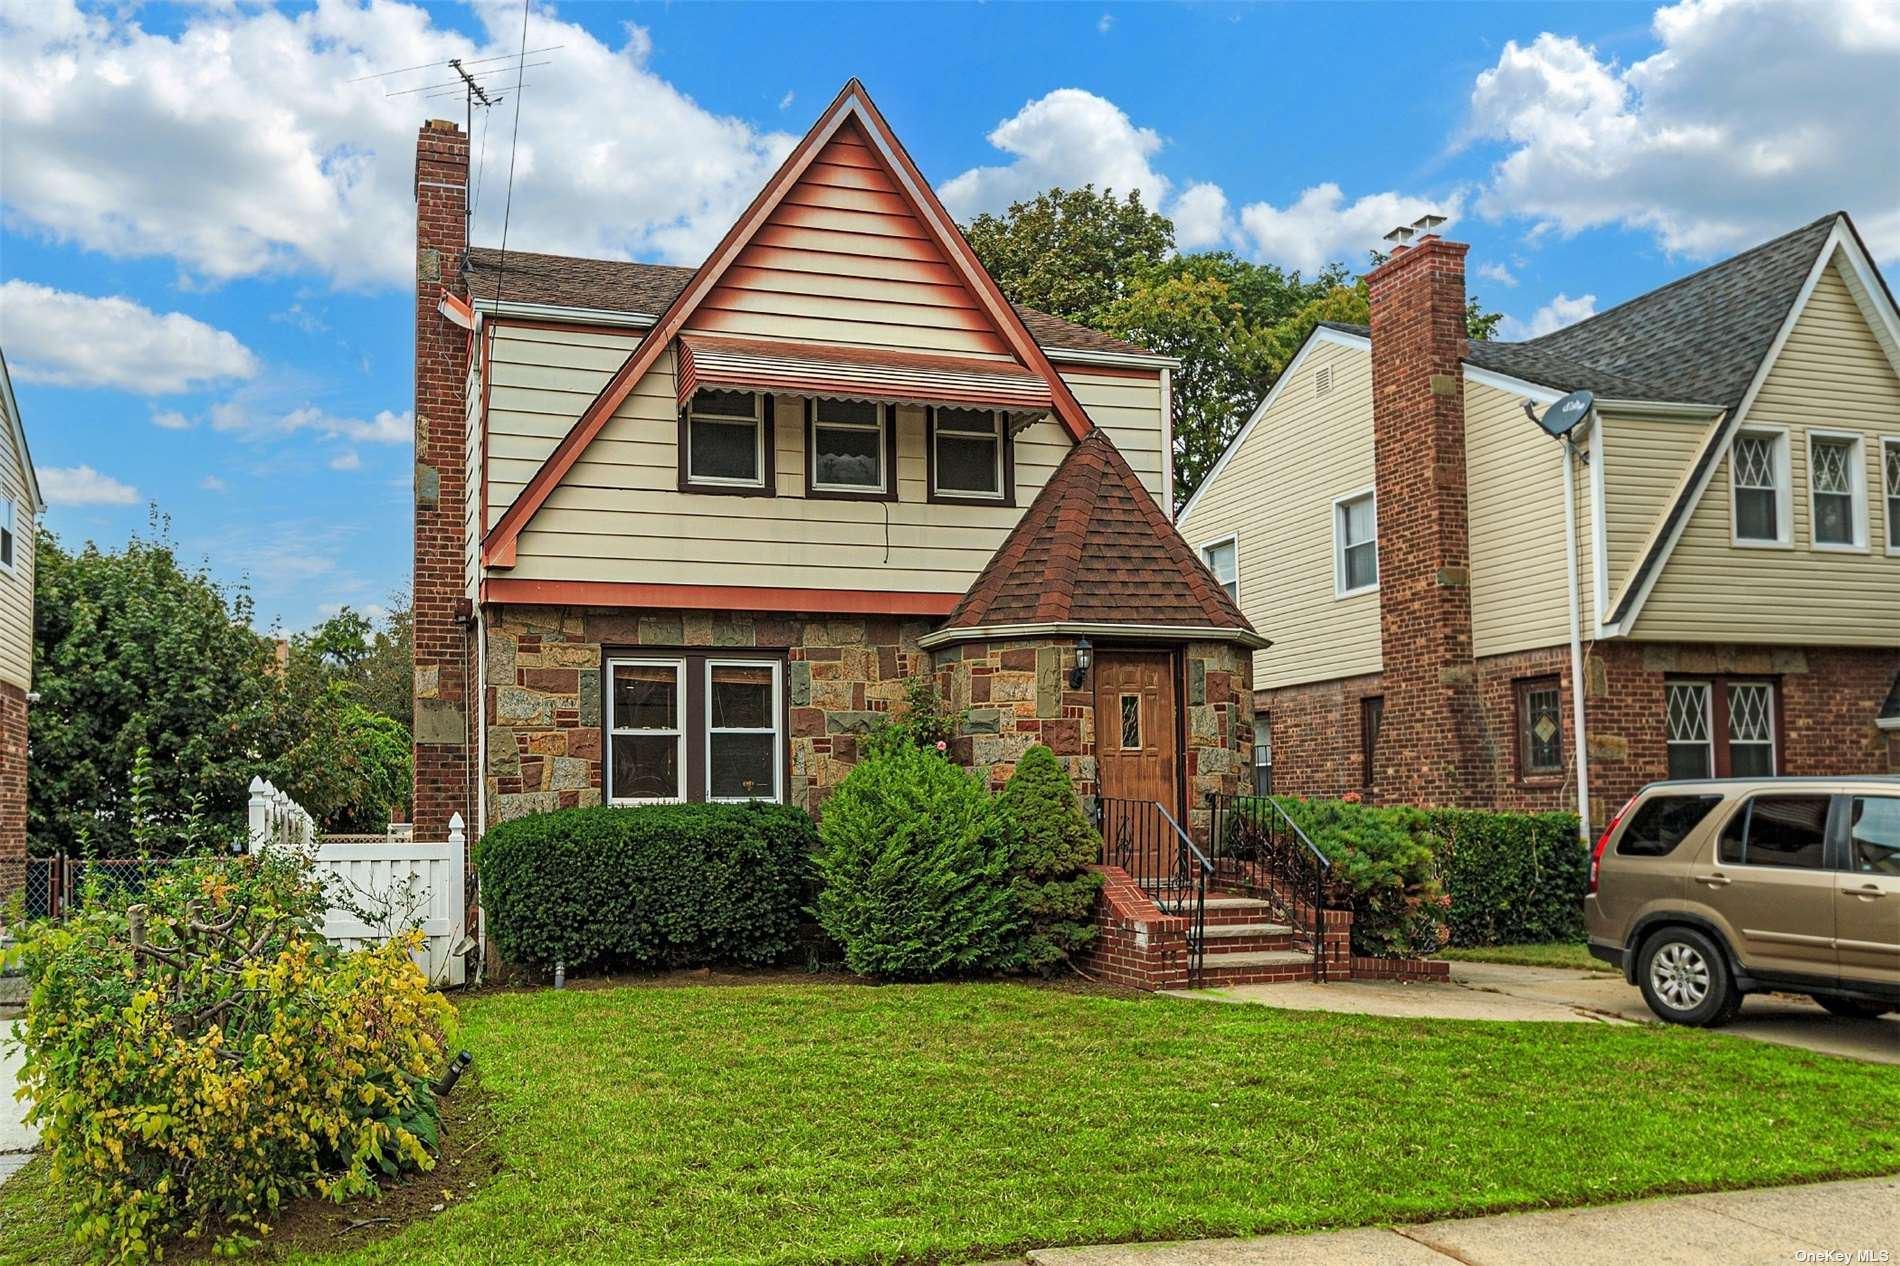 Photo of 137-18 174 Street, Springfield Gardens, NY 11413 (MLS # 3354698)